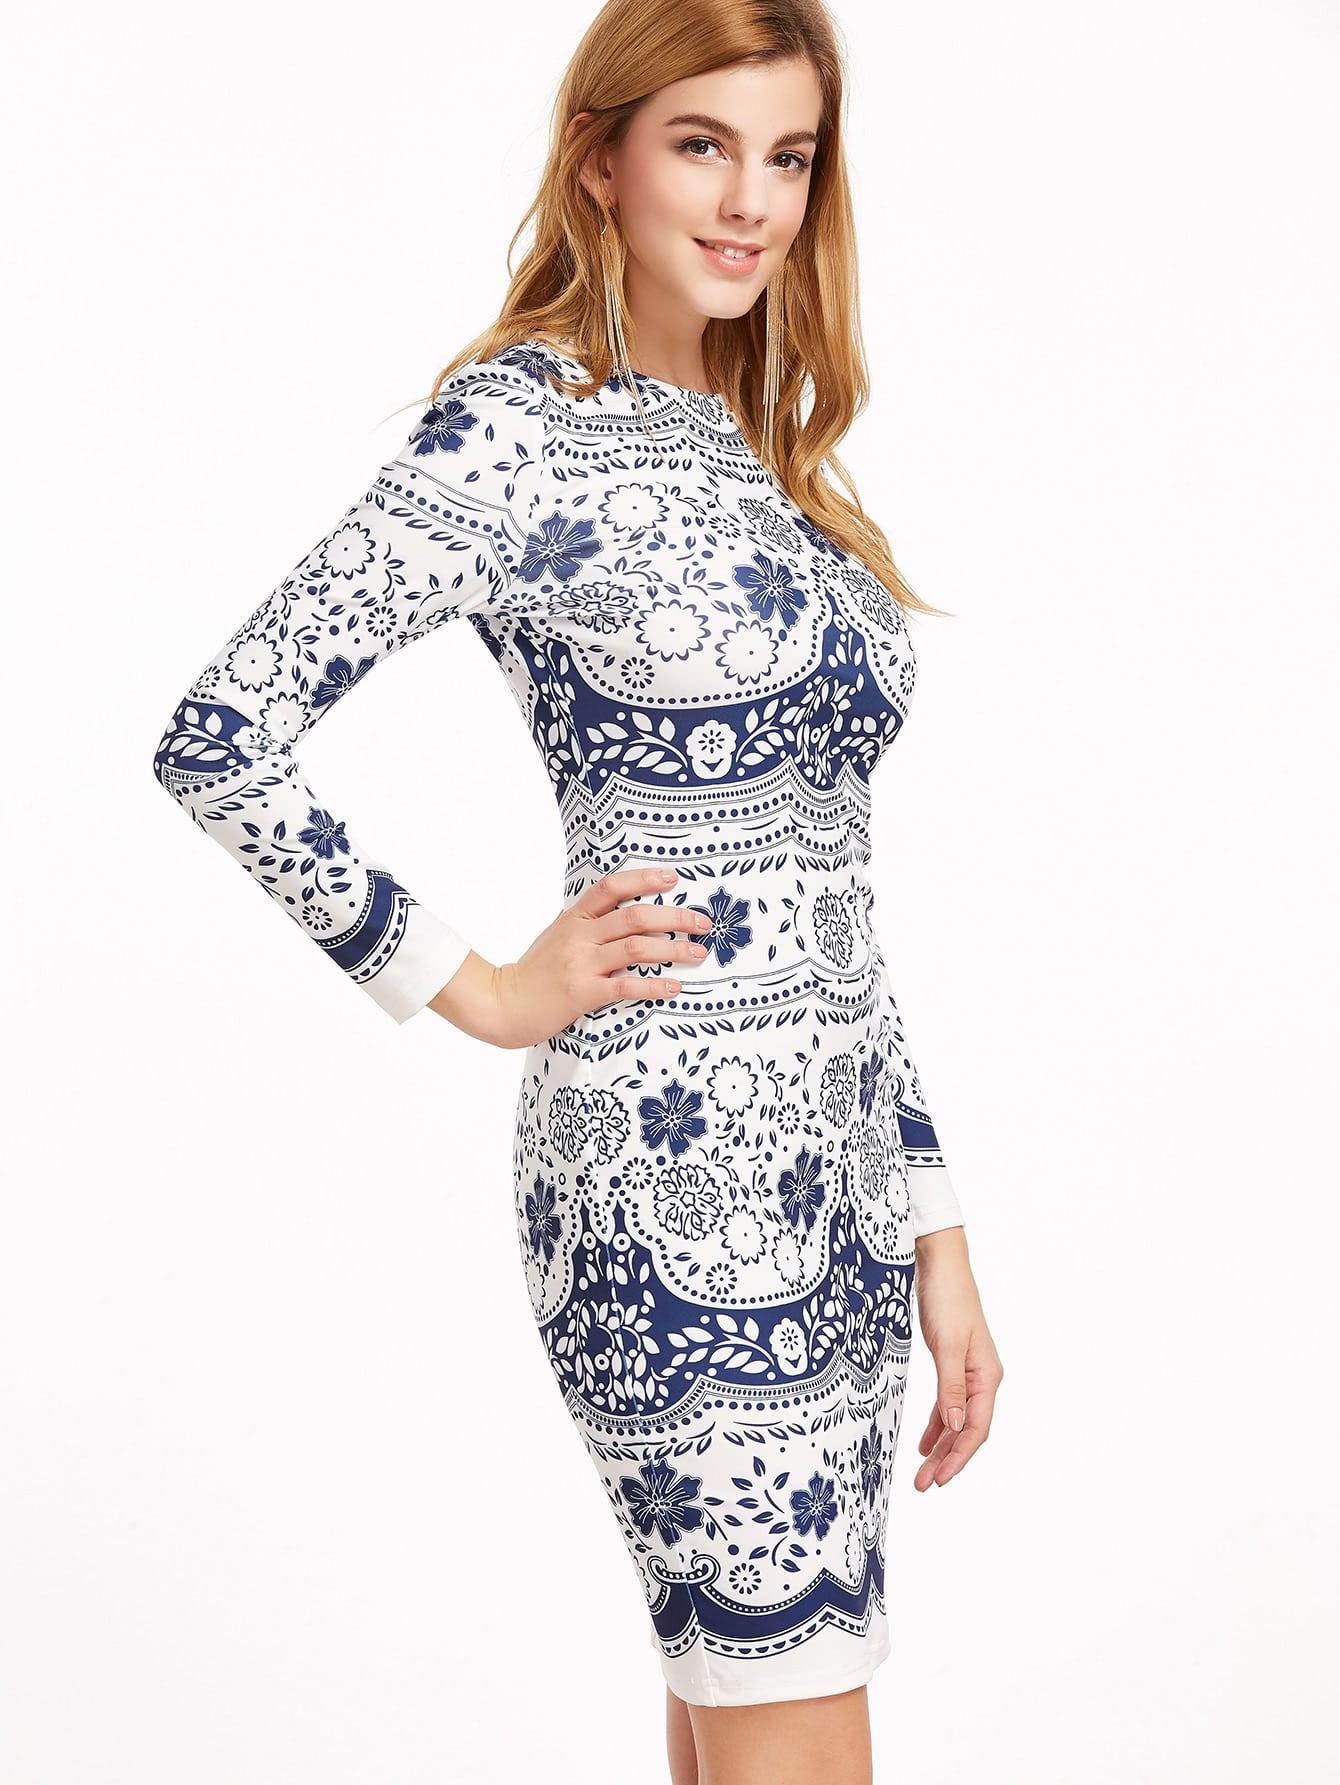 dress161128701_2